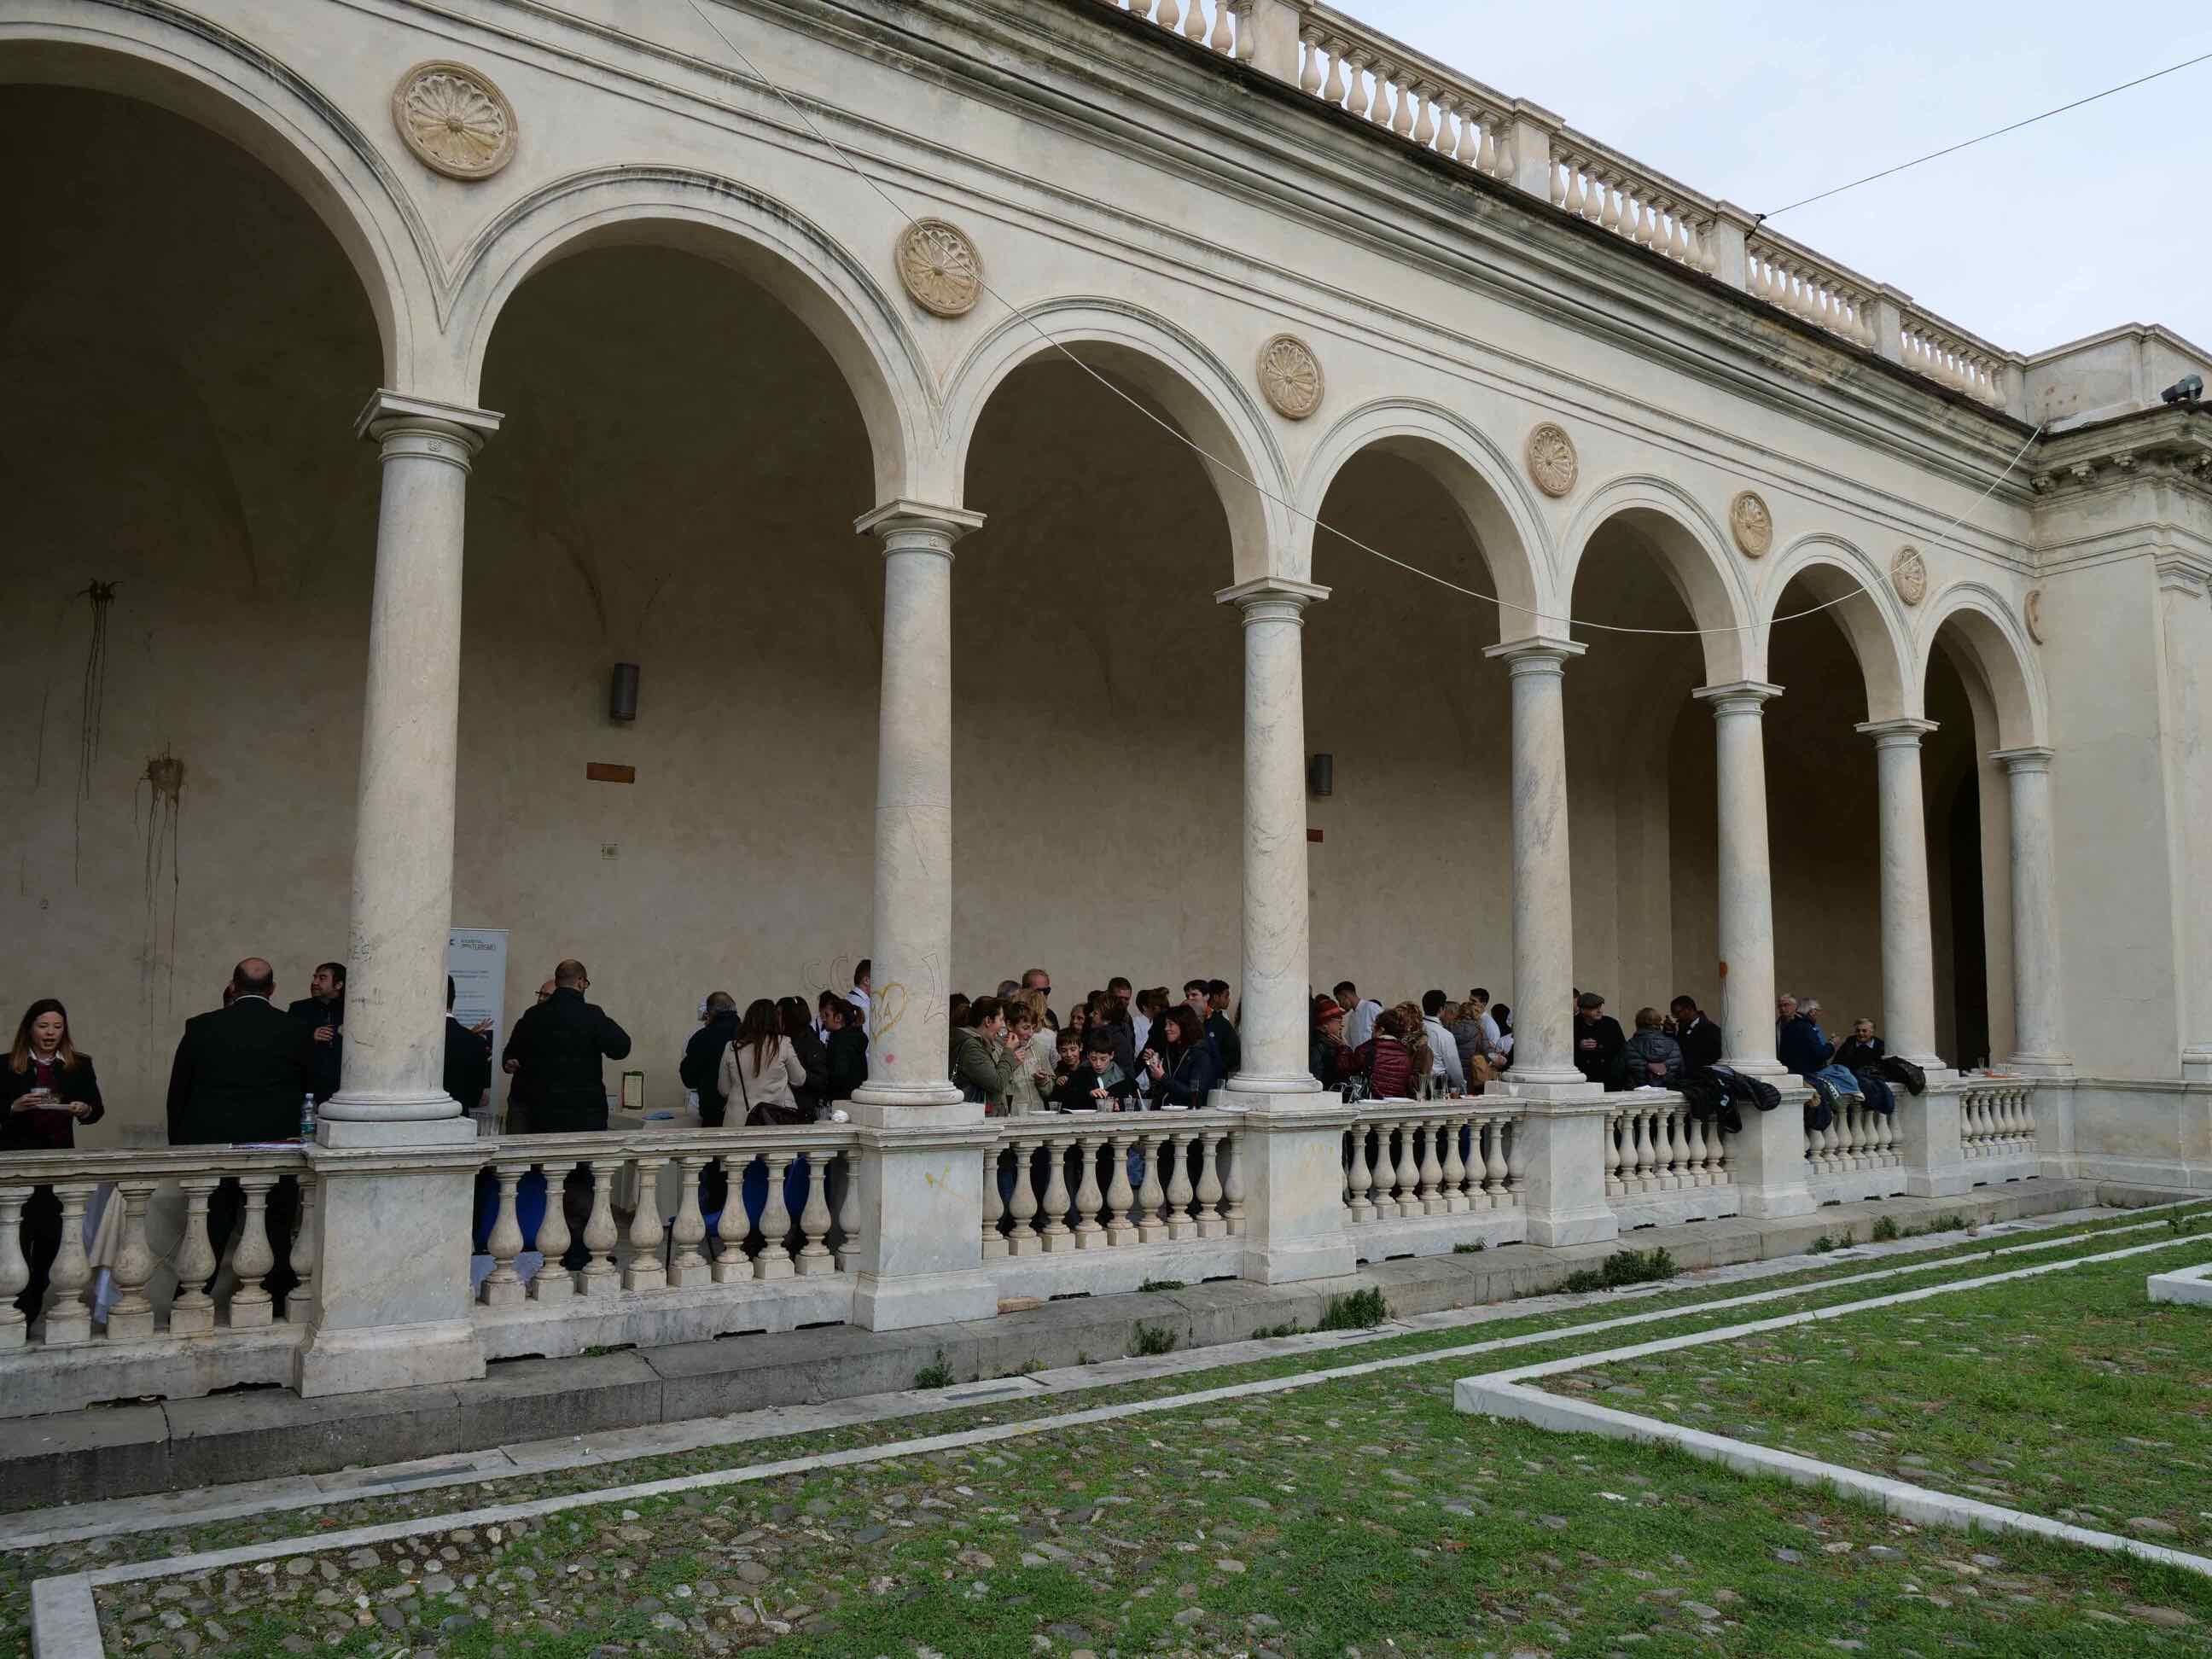 Torneo di pesto al mortaio e aperitivo di beneficienza a cura della Scuola Alberghiera di Lavagna - 1